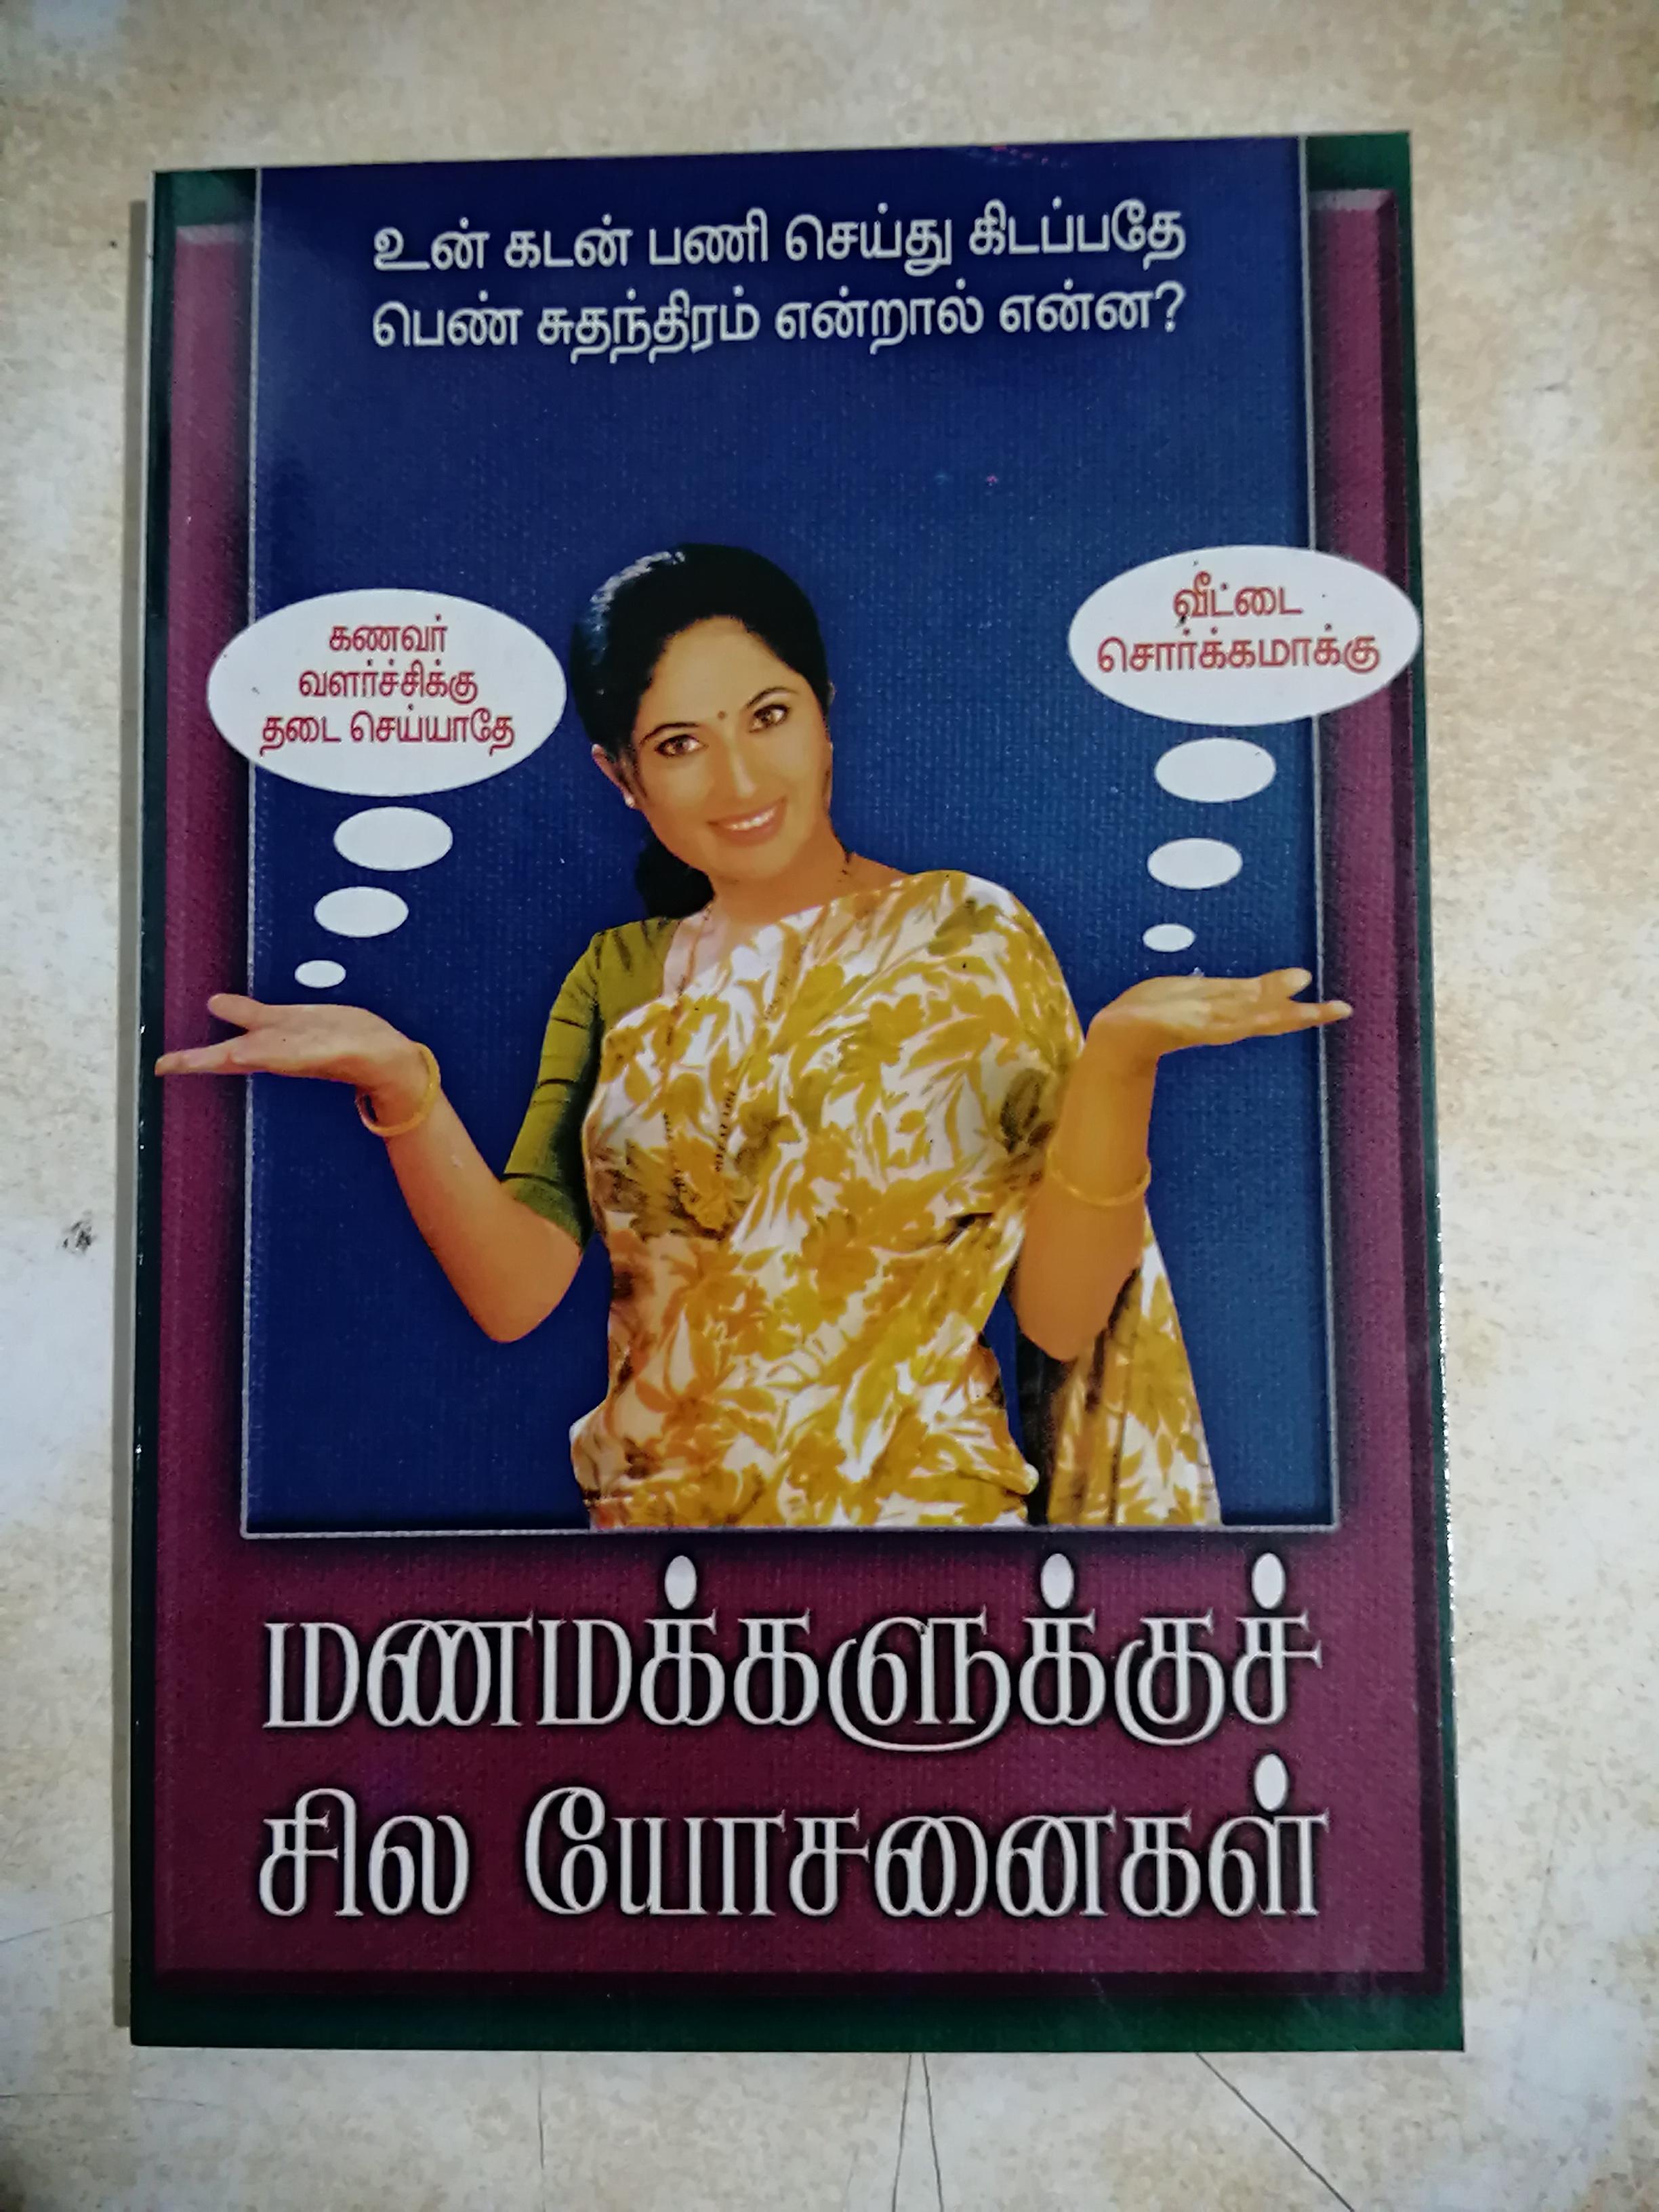 மணமக்களுக்குச் சில யோசனைகள் - சீதாலக்ஷ்மி குயிலன் Manamakkalukku Sila Yosanaigal by Seethalakshmi Kuyilan